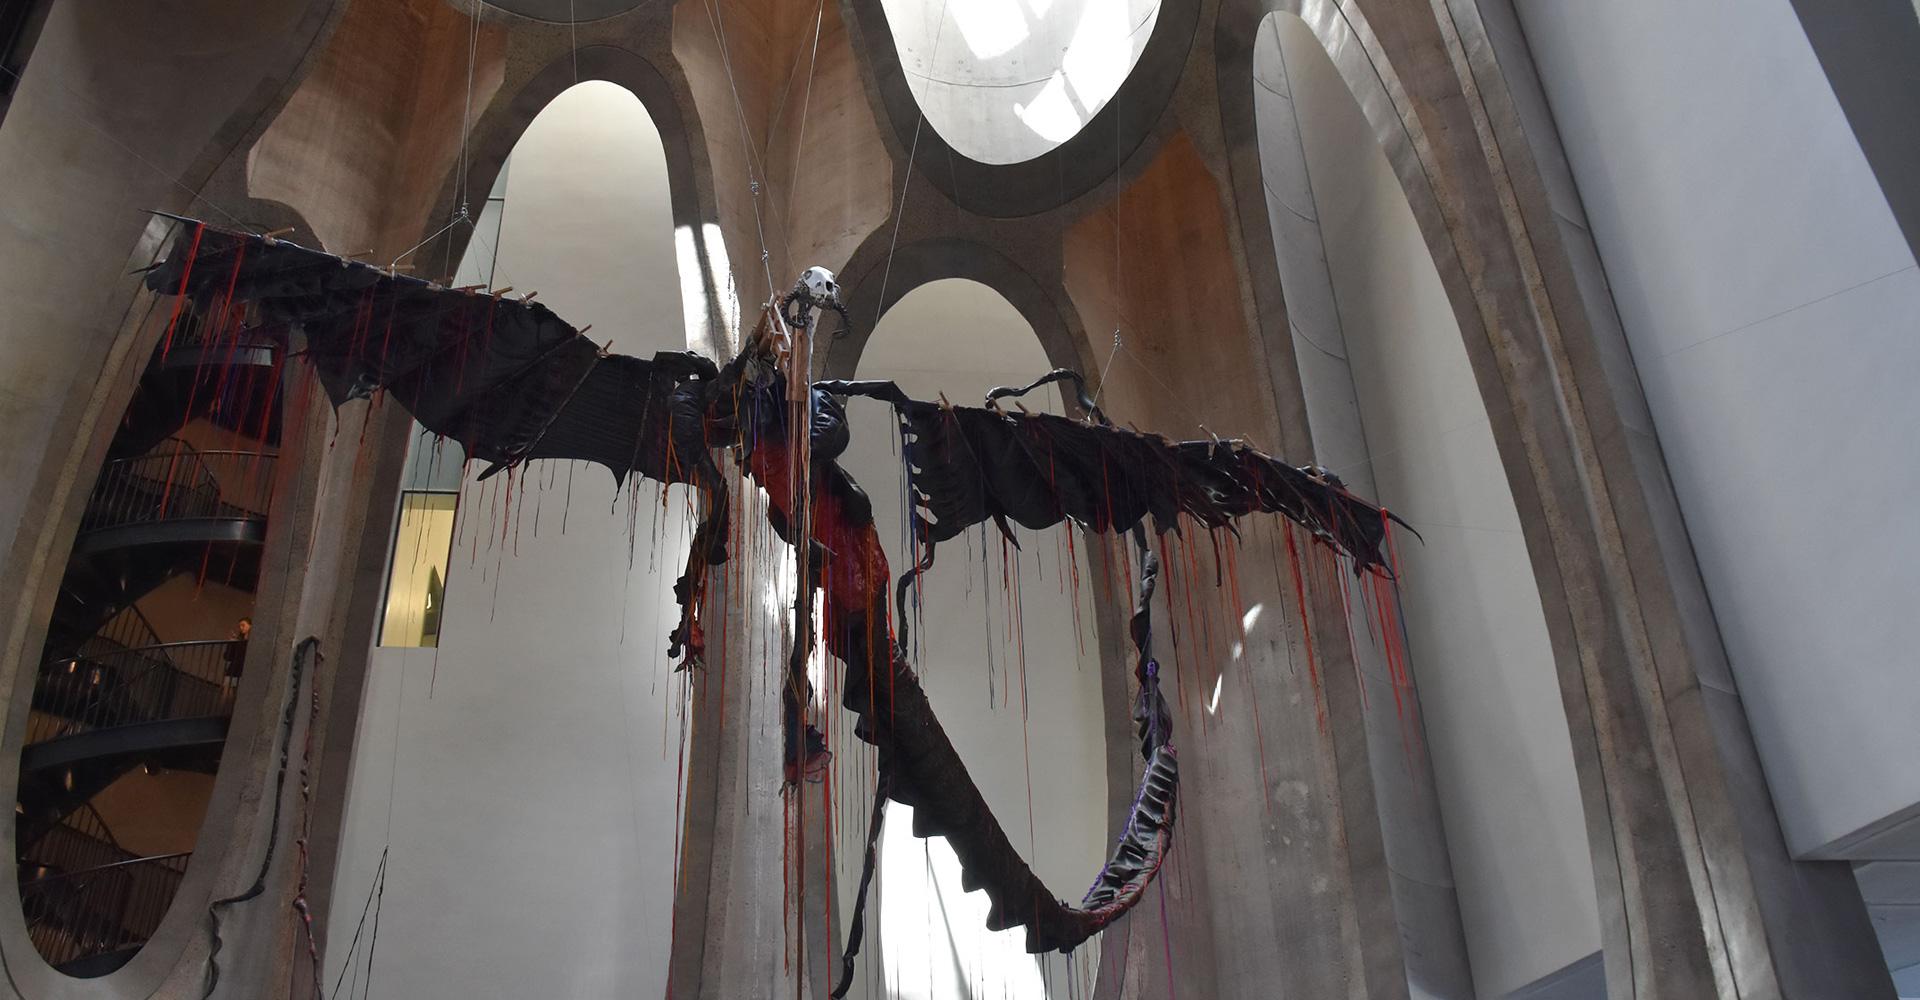 das Zeitz Mocaa – eine Kathedrale der Kunst _ kapstadt, südafrika